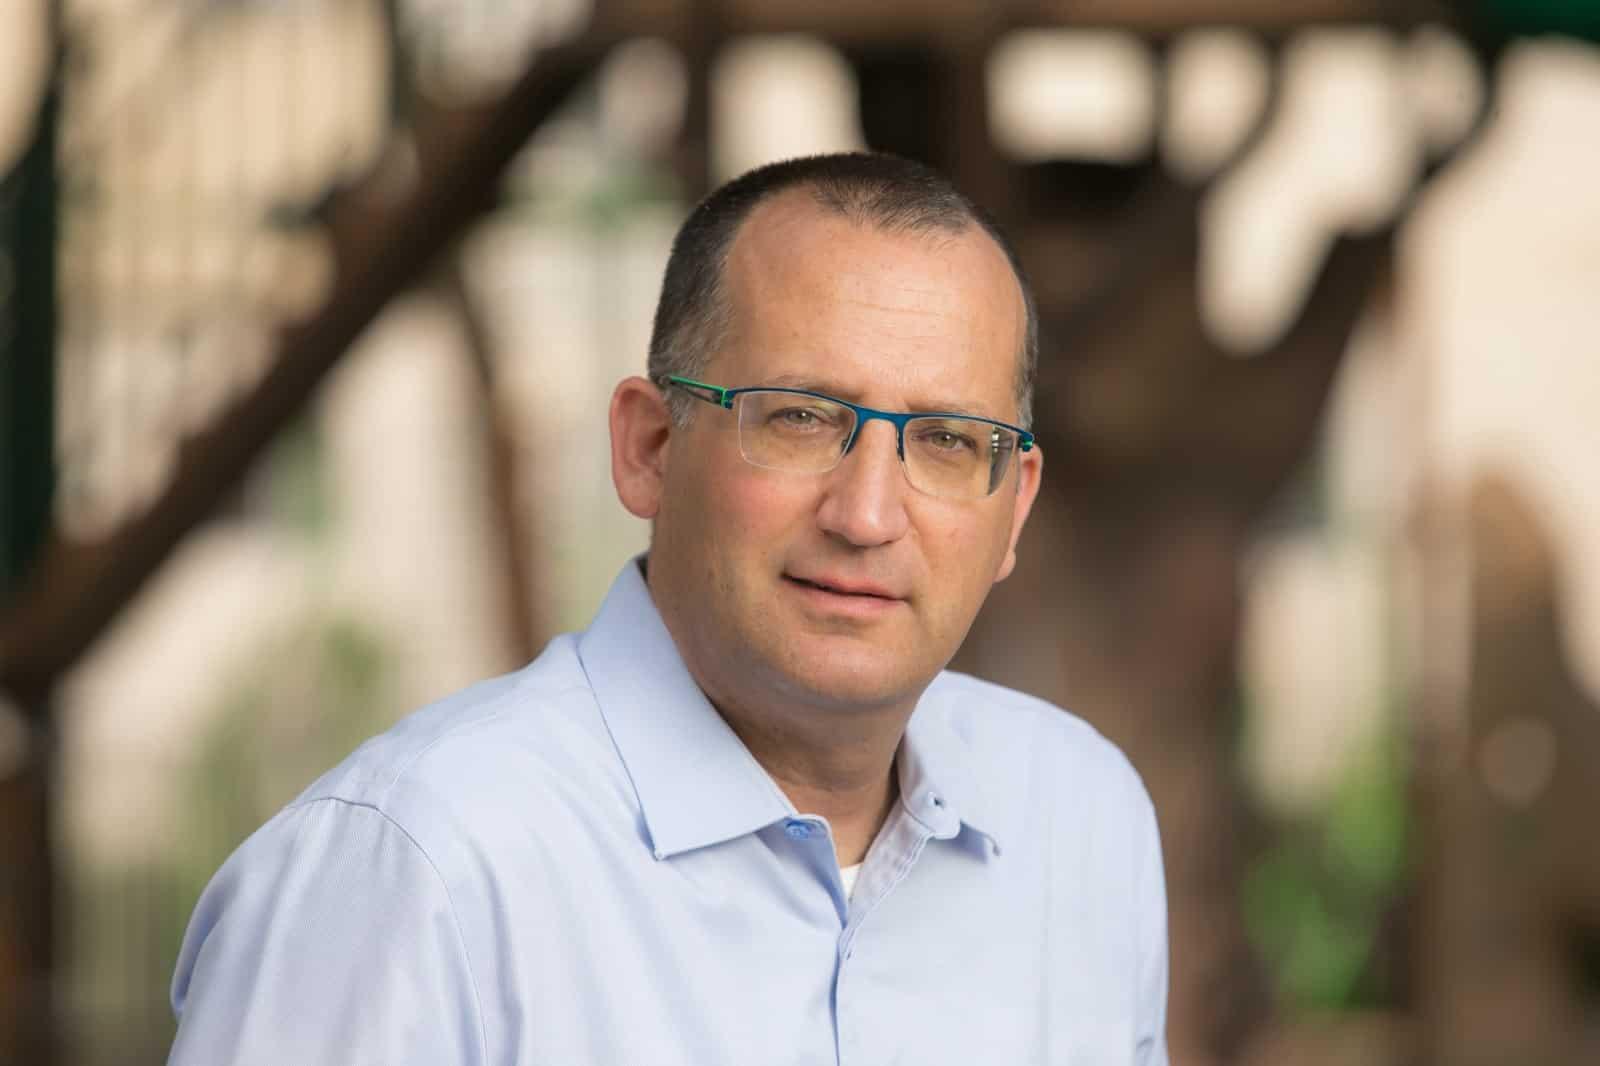 רן קוניק ראש עיריית גבעתיים (צילום דוברות גבעתיים)